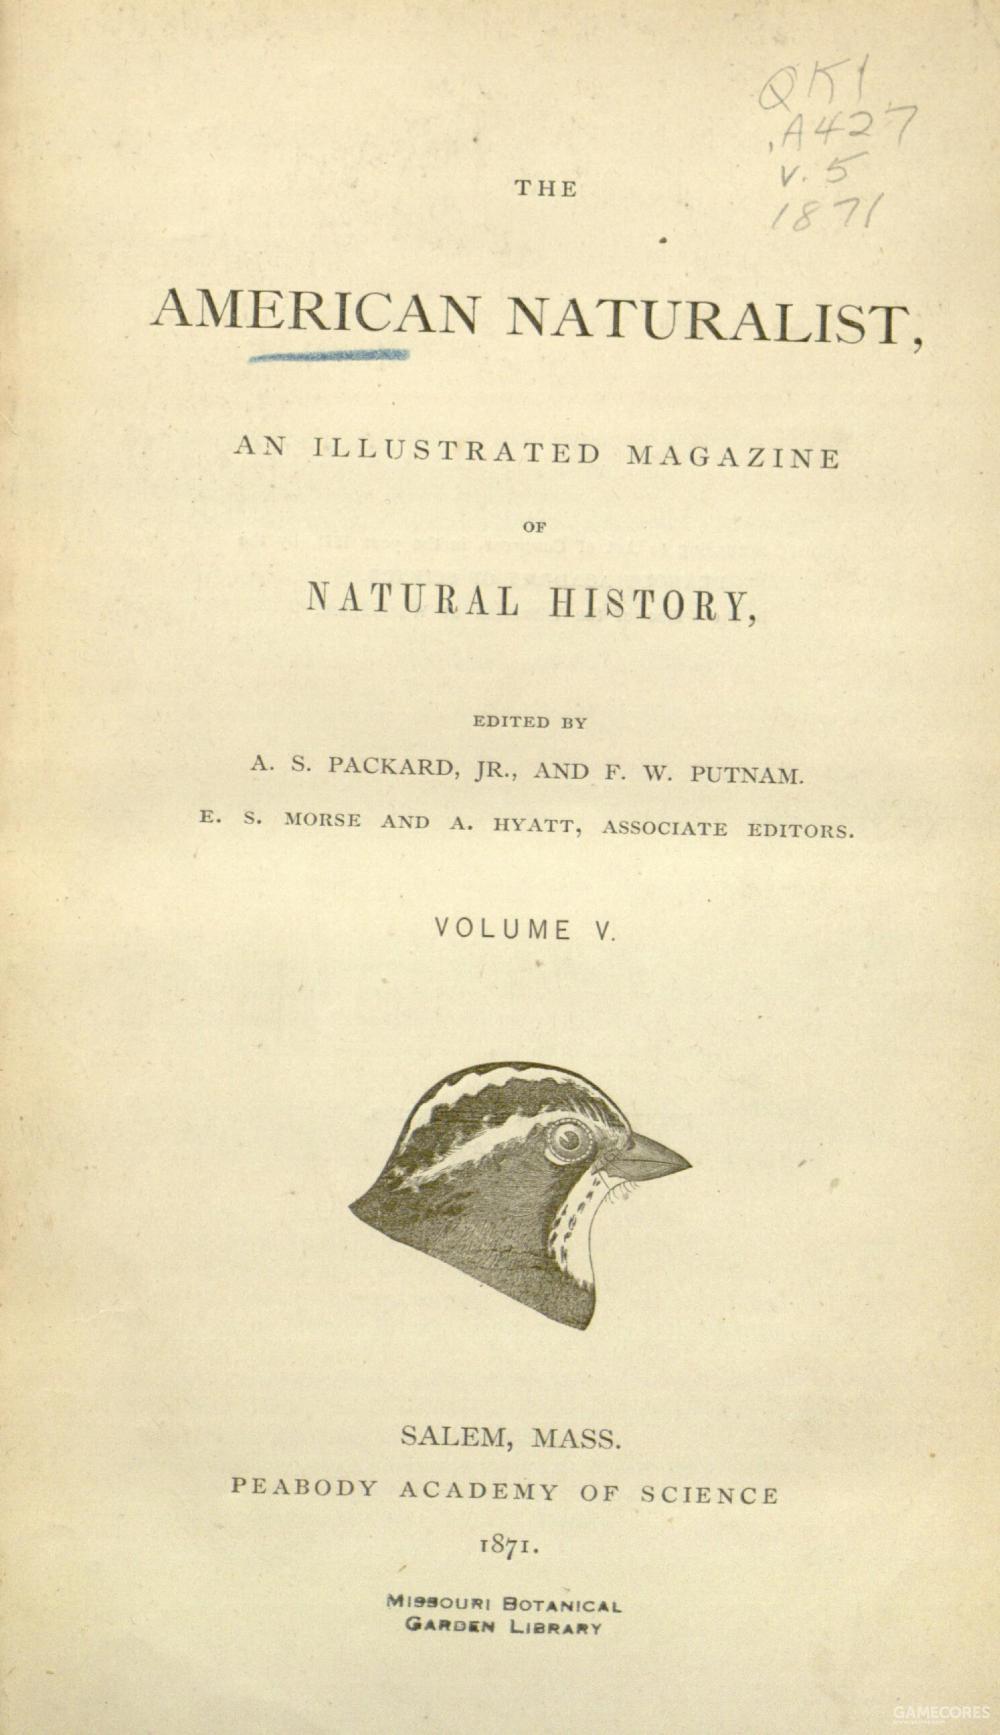 《美国博物学家》(The American Naturalist)是每月发行的科学期刊,创刊于1867年。科普对该杂志的版权很感兴趣,1878年他买下了该杂志一半的版权,并将该杂志办公地转往费城,和阿尔菲斯·S·帕卡德(Alpheus S. Packard)教授合作办刊。科普从1887年开始担任主编直到去世。